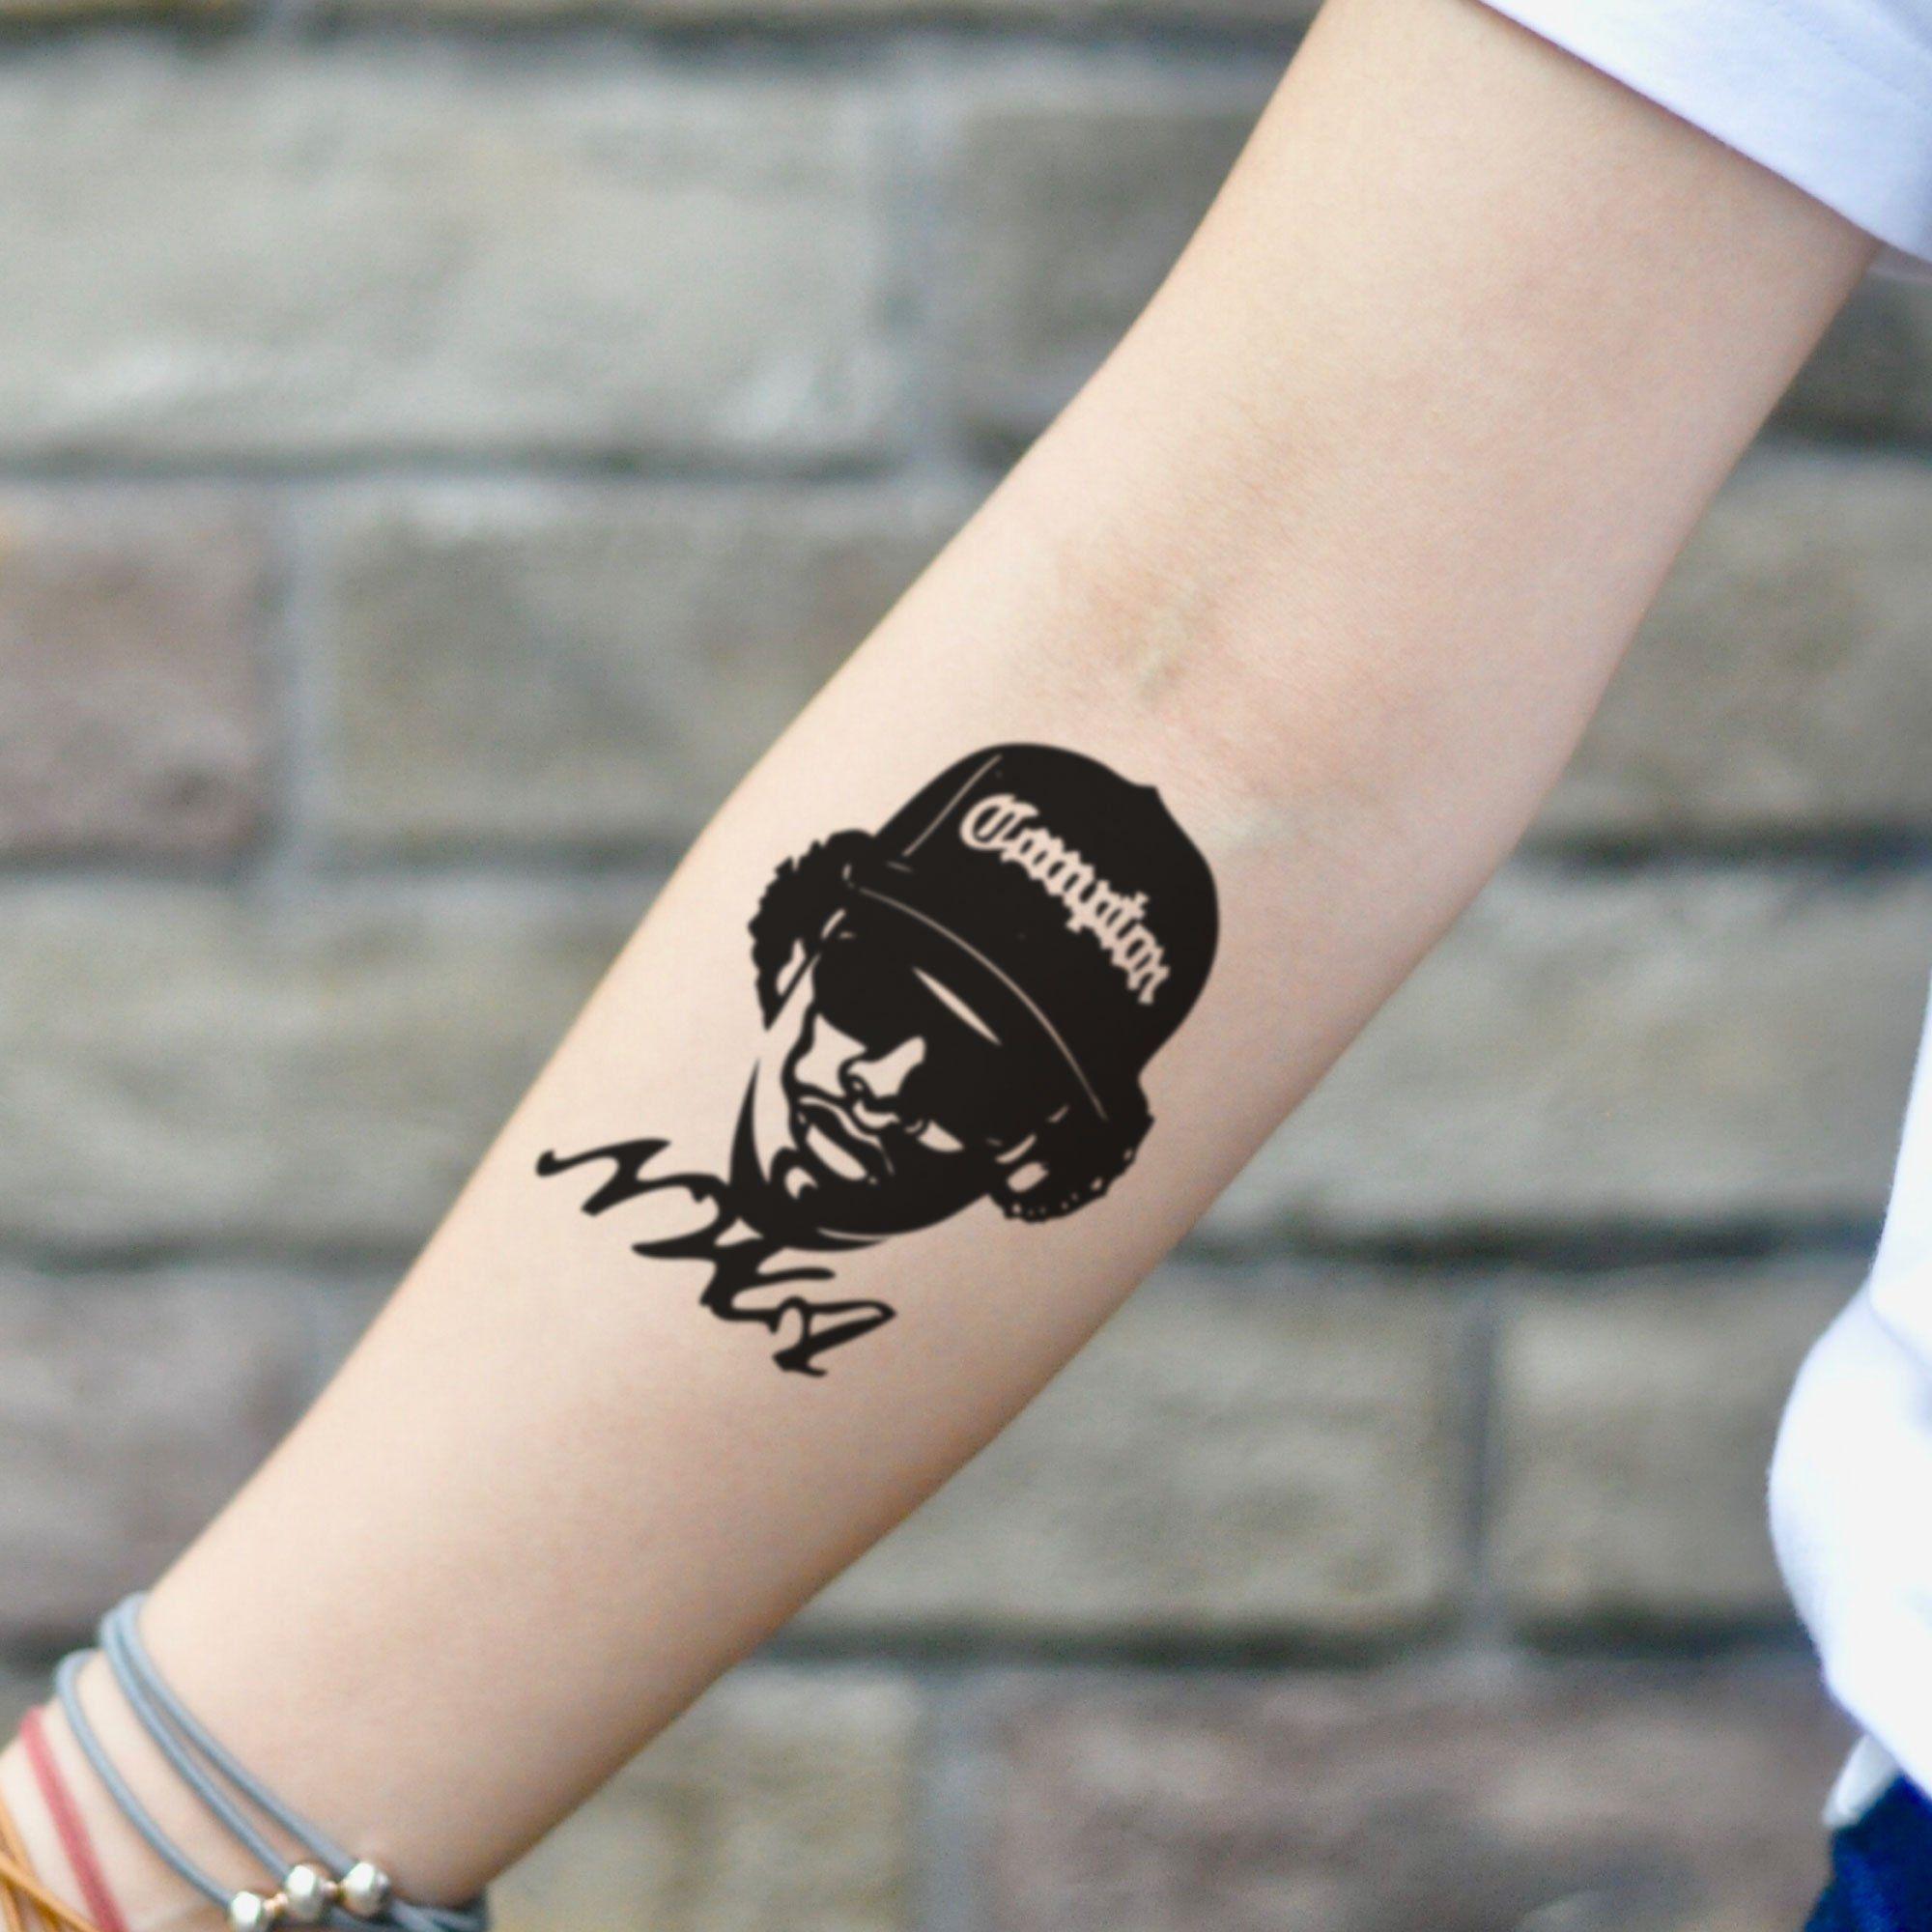 Eazy E Temporary Tattoo Sticker Set Of 2 In 2020 Metal Tattoo Tattoo Stickers Tattoos